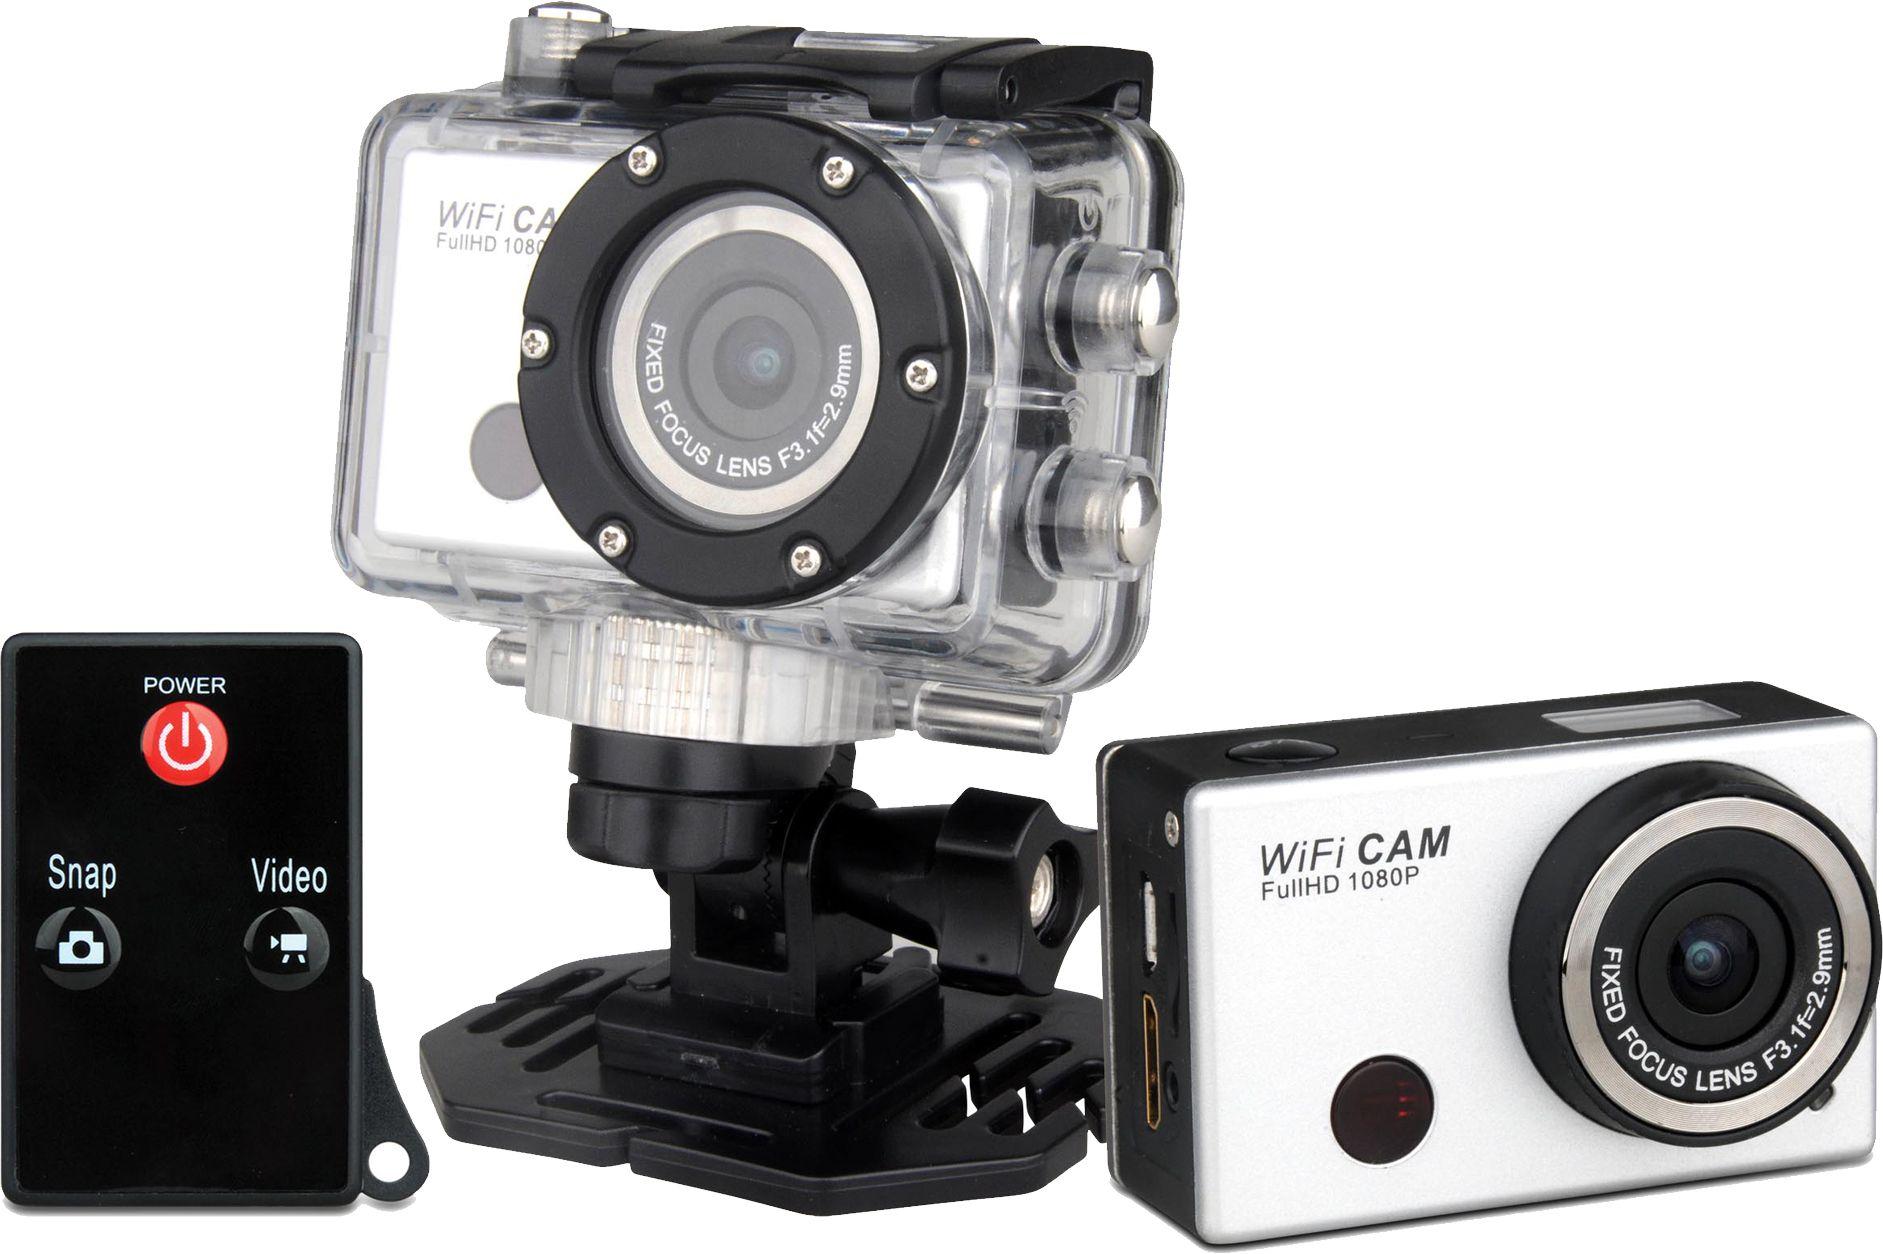 Cámara De Acción Full Hd De 1080p Con Carcasa Resistente Al Agua Y Wifi Dv Ac 5000w Camara Hd Impermeable Deportes